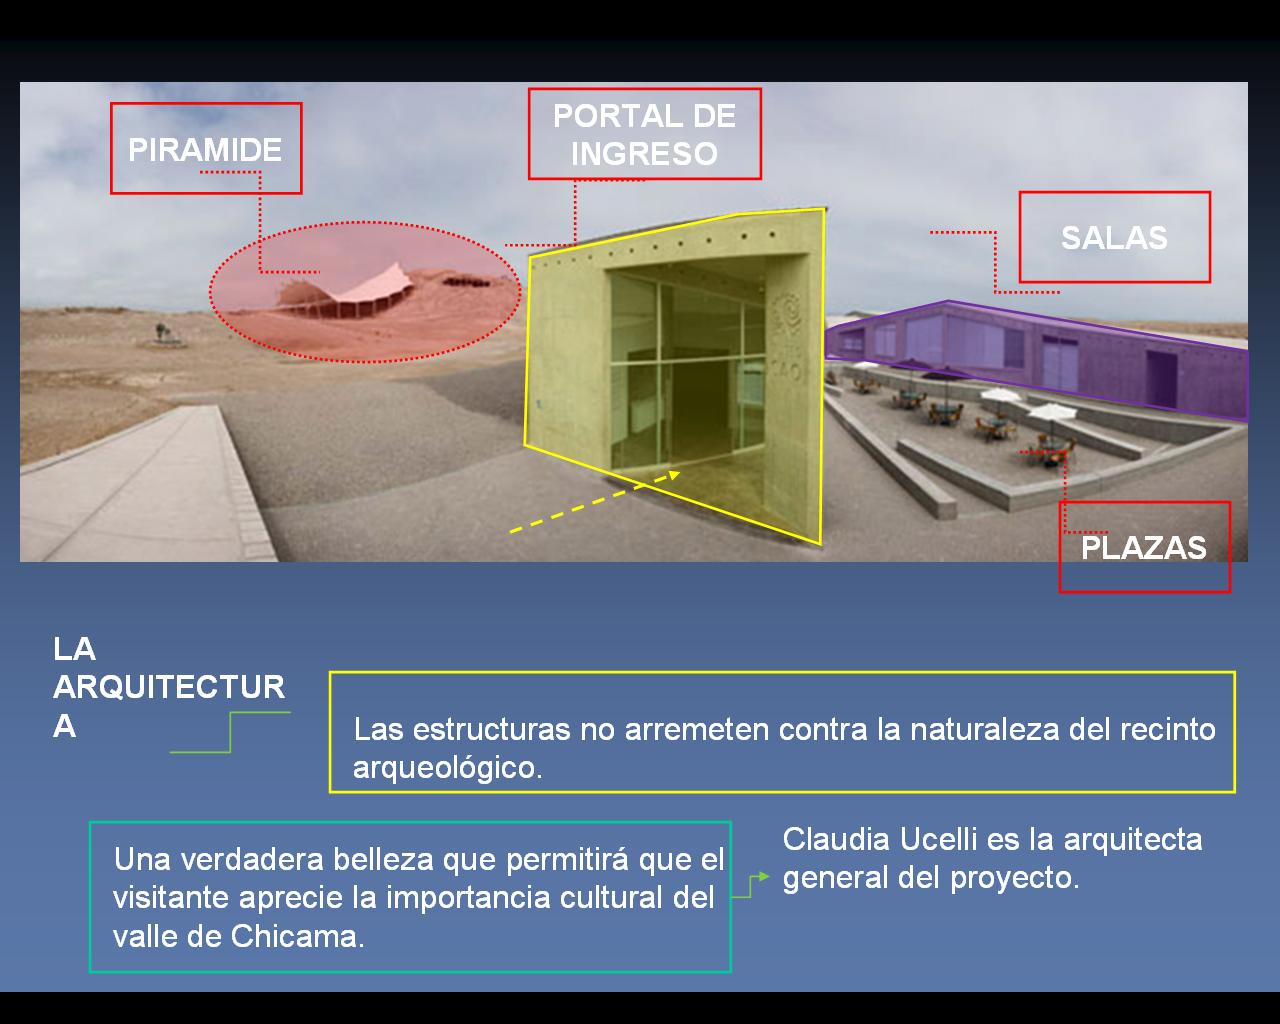 Apuntes revista digital de arquitectura museo de sitio for En que universidades hay arquitectura